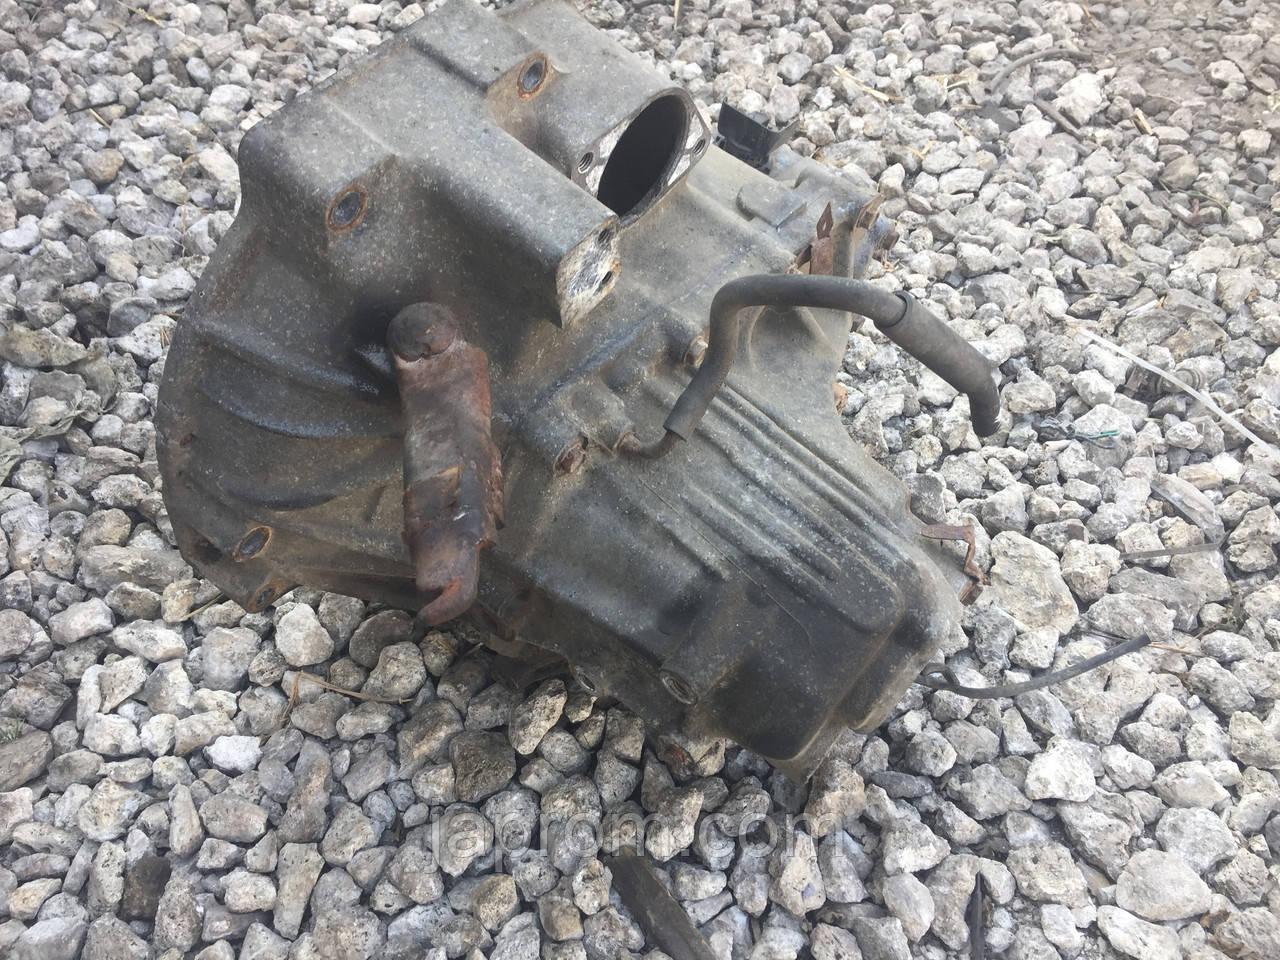 МКПП механическая коробка передач Nissan Sunny N14 1,4 бензин